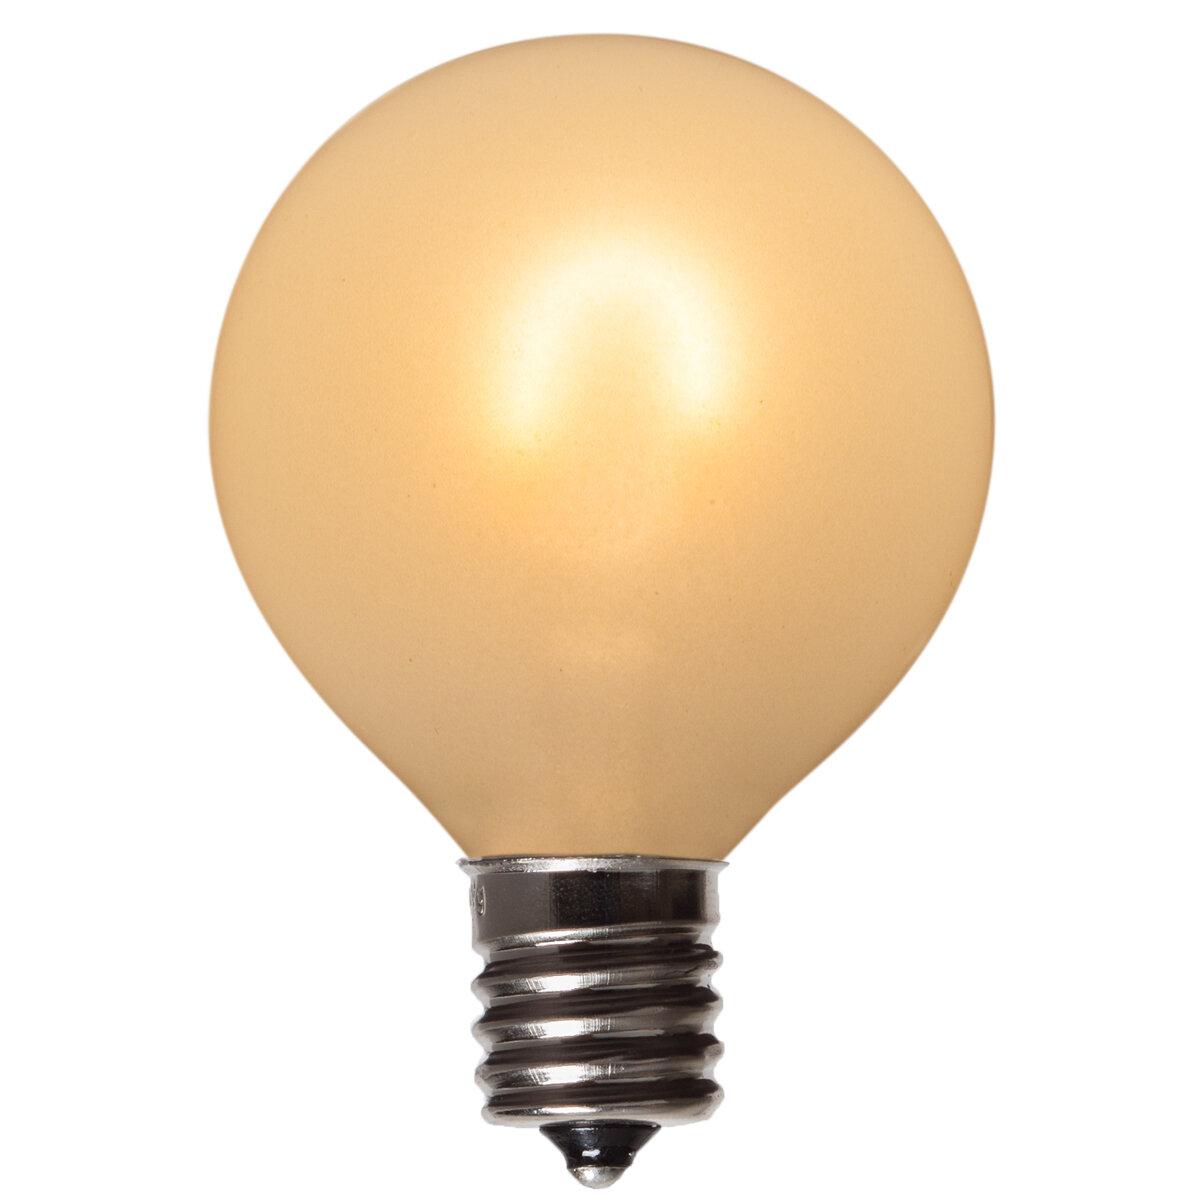 Wintergreen Lighting 1 Watt 25 Watt Equivalent G50 Led Non Dimmable Light Bulb Warm White 2500k E17 Intermediate Base Wayfair